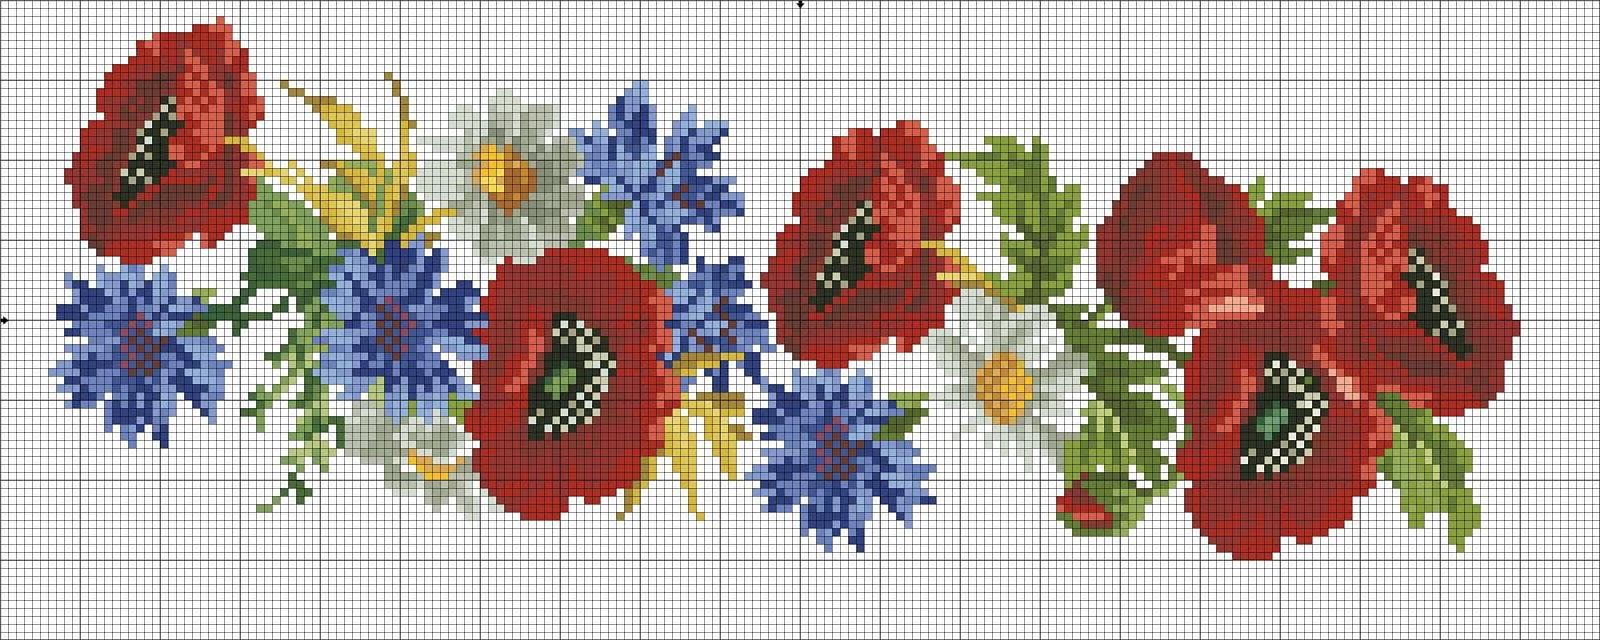 Cross Stitching Patterns - Free Printable Cross Stitch